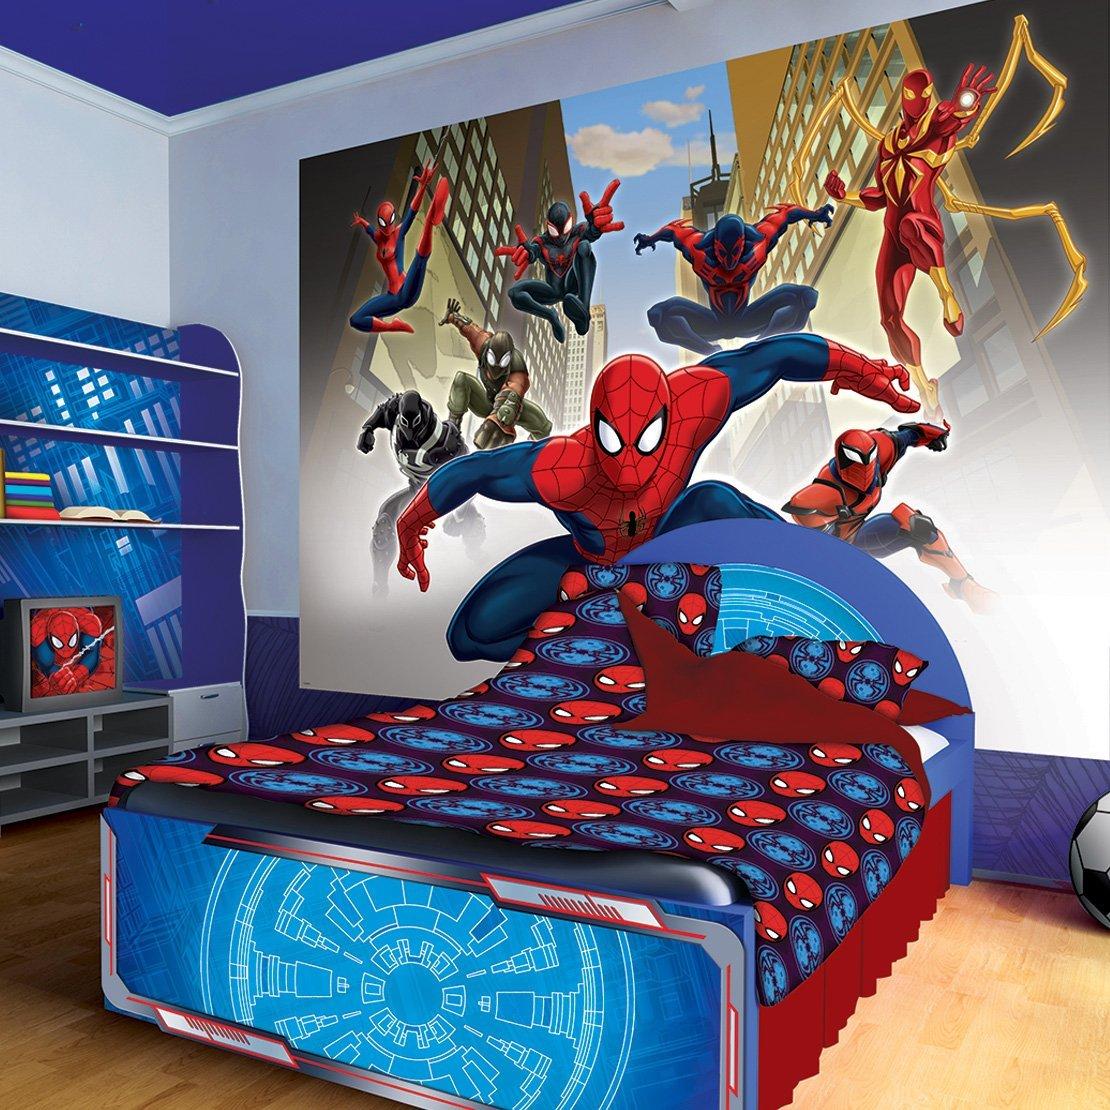 Bedroom Decoration Ideas 2016: صور ديكور سبايدرمان لغرف الأطفال